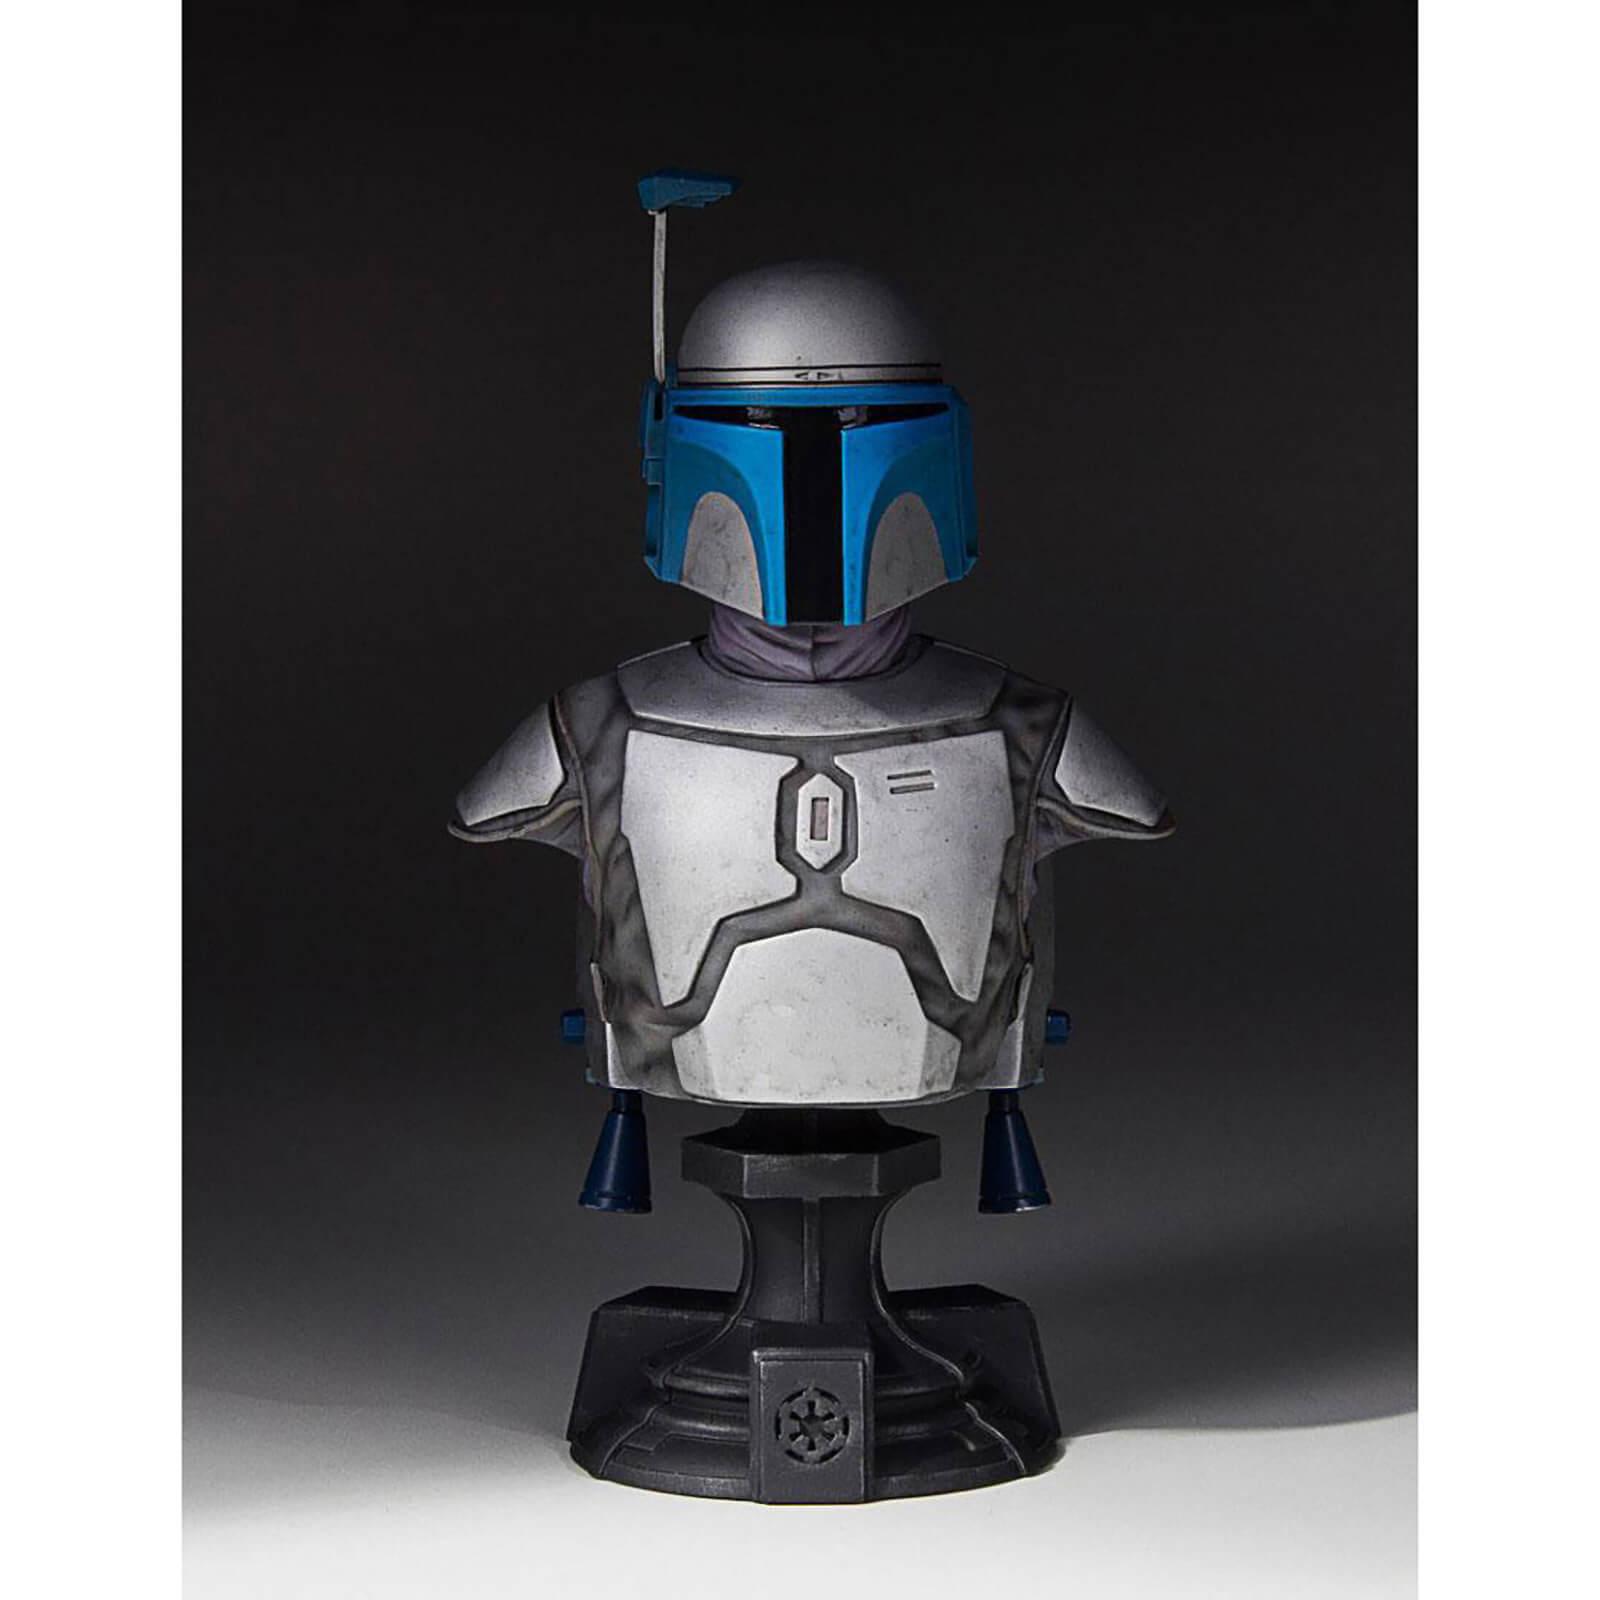 Buste Jango Fett Star Wars - 19 cm